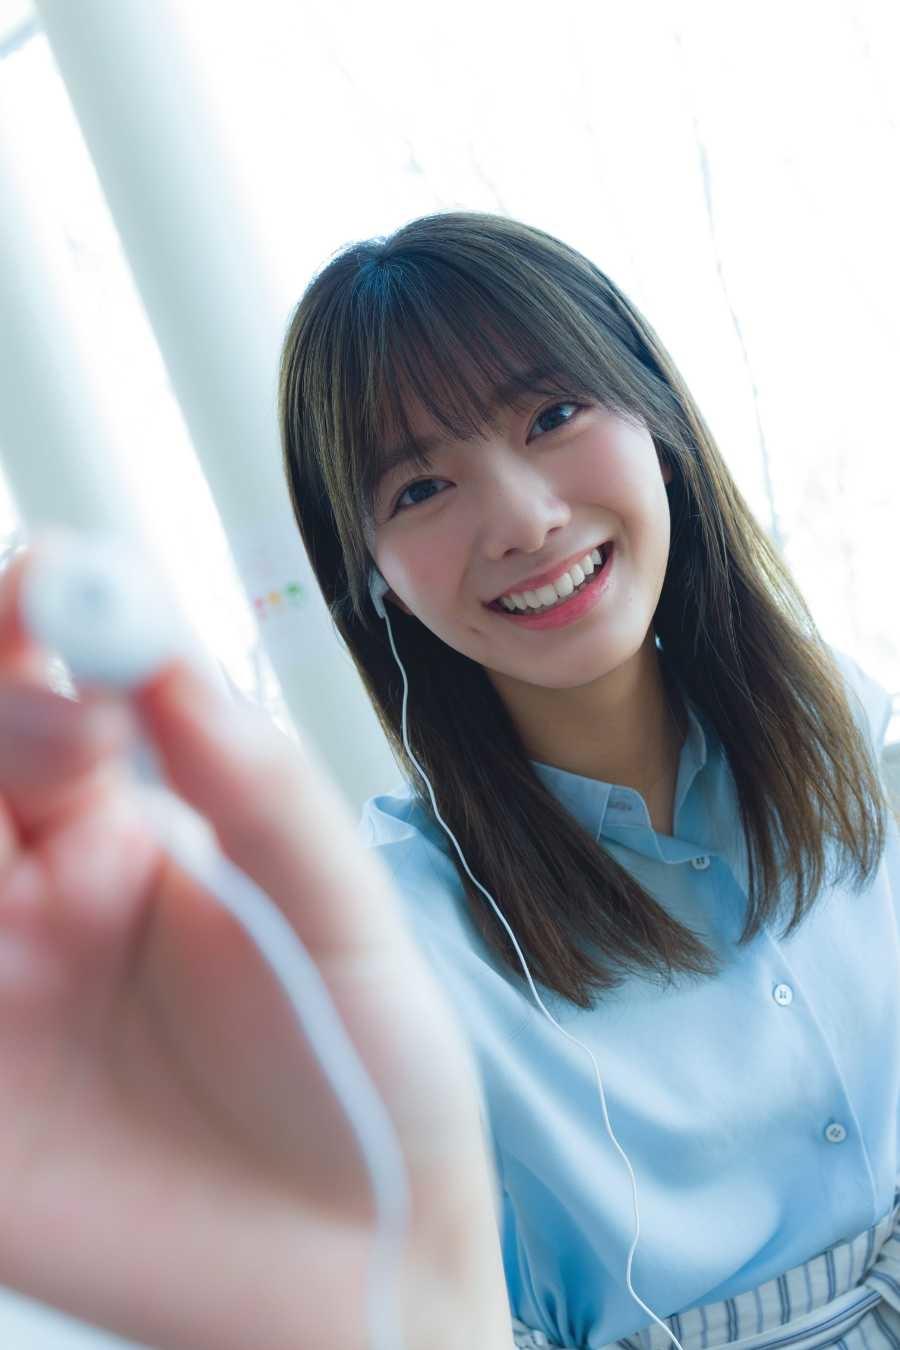 写真はカメラに向かってペンを向ける田村さん(提供:小学館)(撮影:Takeo Dec.)